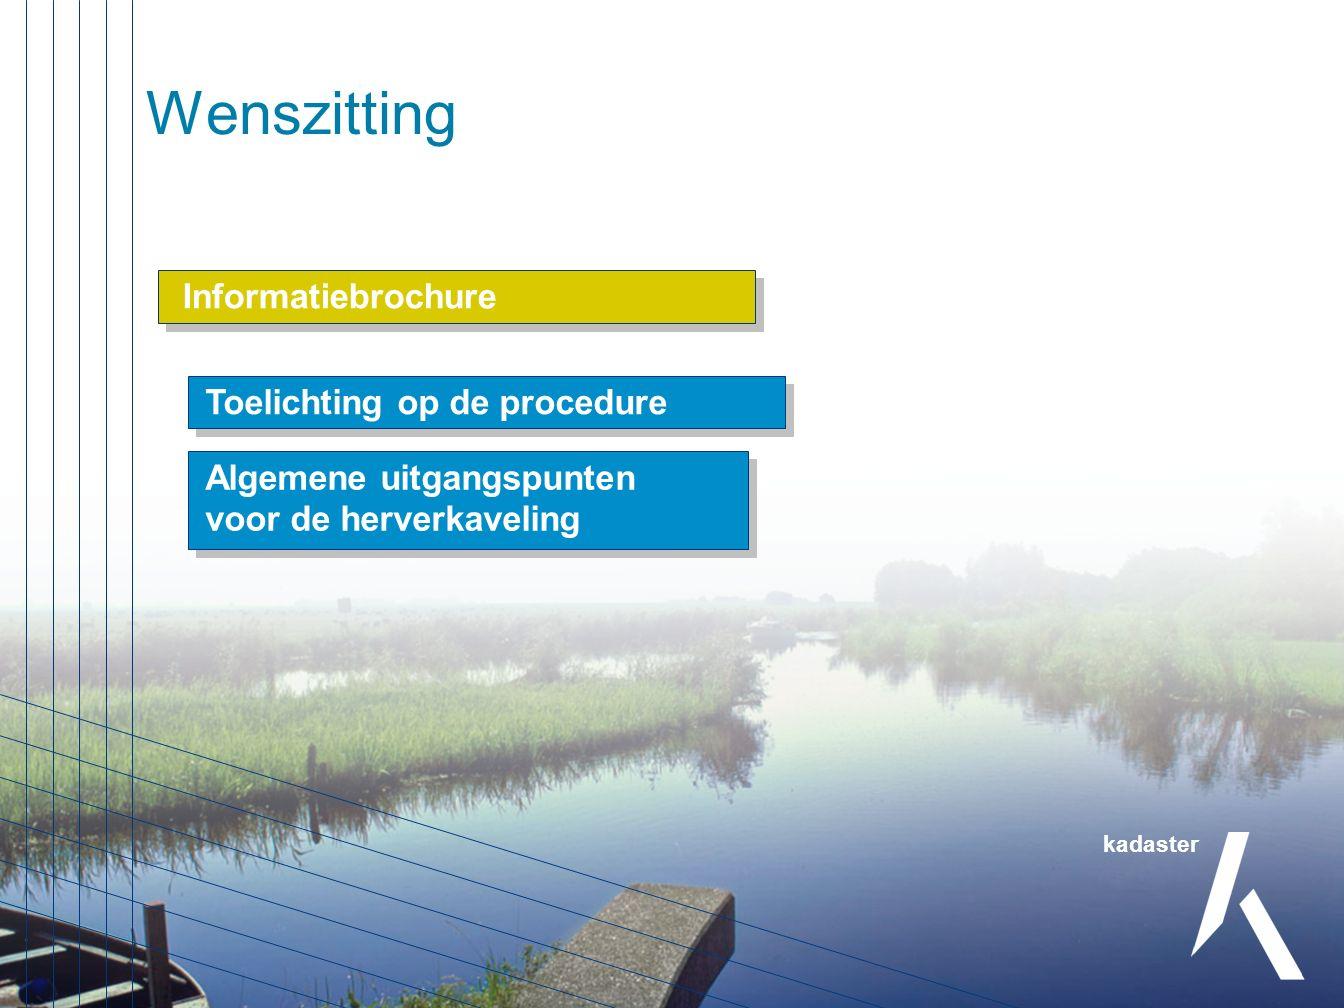 Informatiebrochure Wenszitting kadaster Passeren ruilakte RuilplanPlan van toedeling Toelichting op de procedure Algemene uitgangspunten voor de herverkaveling